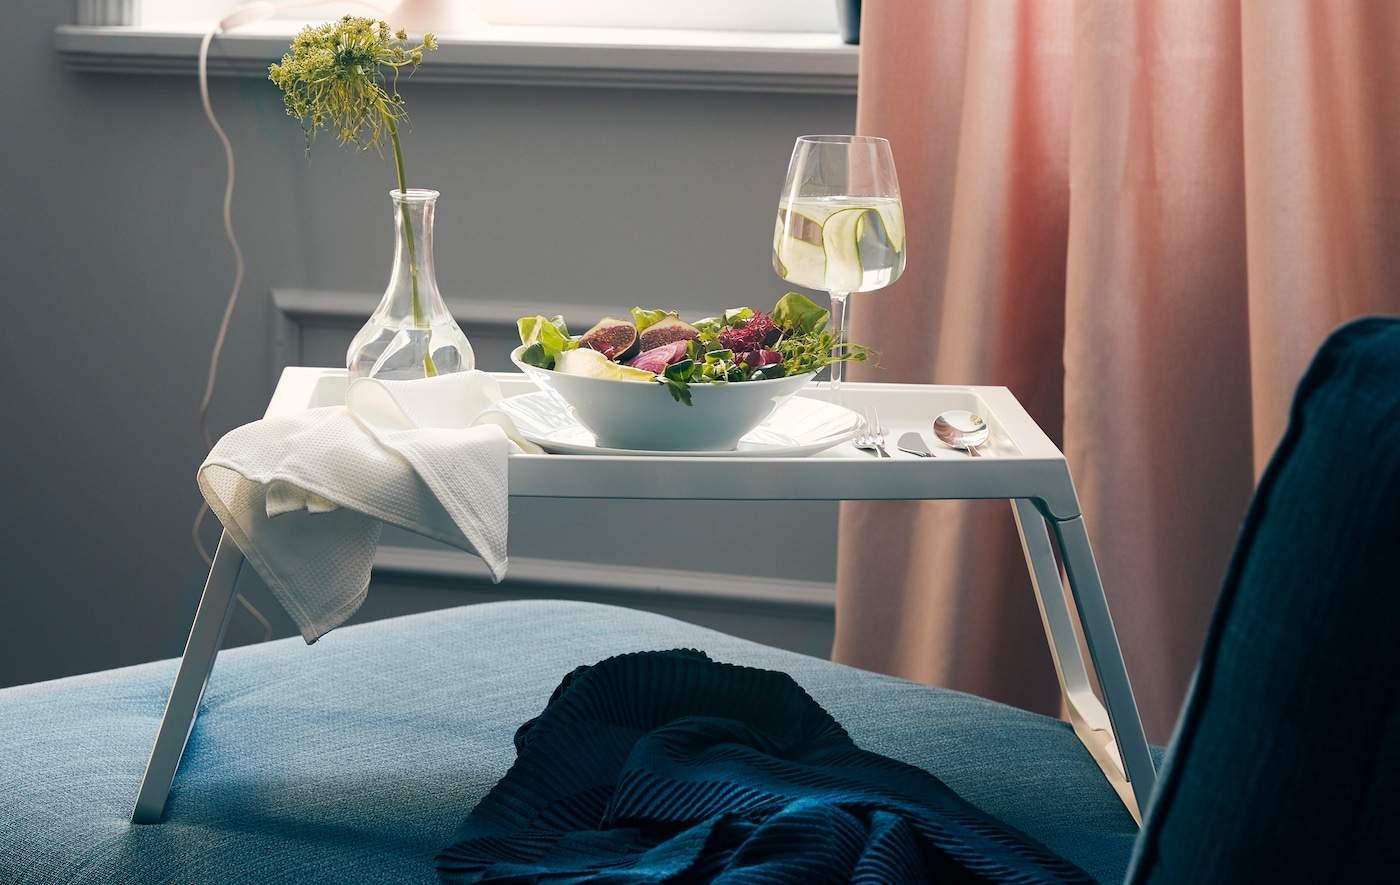 Stuhlauflagen Garten Luxus Zeit Allein Genießen Feiere Dich Ikea